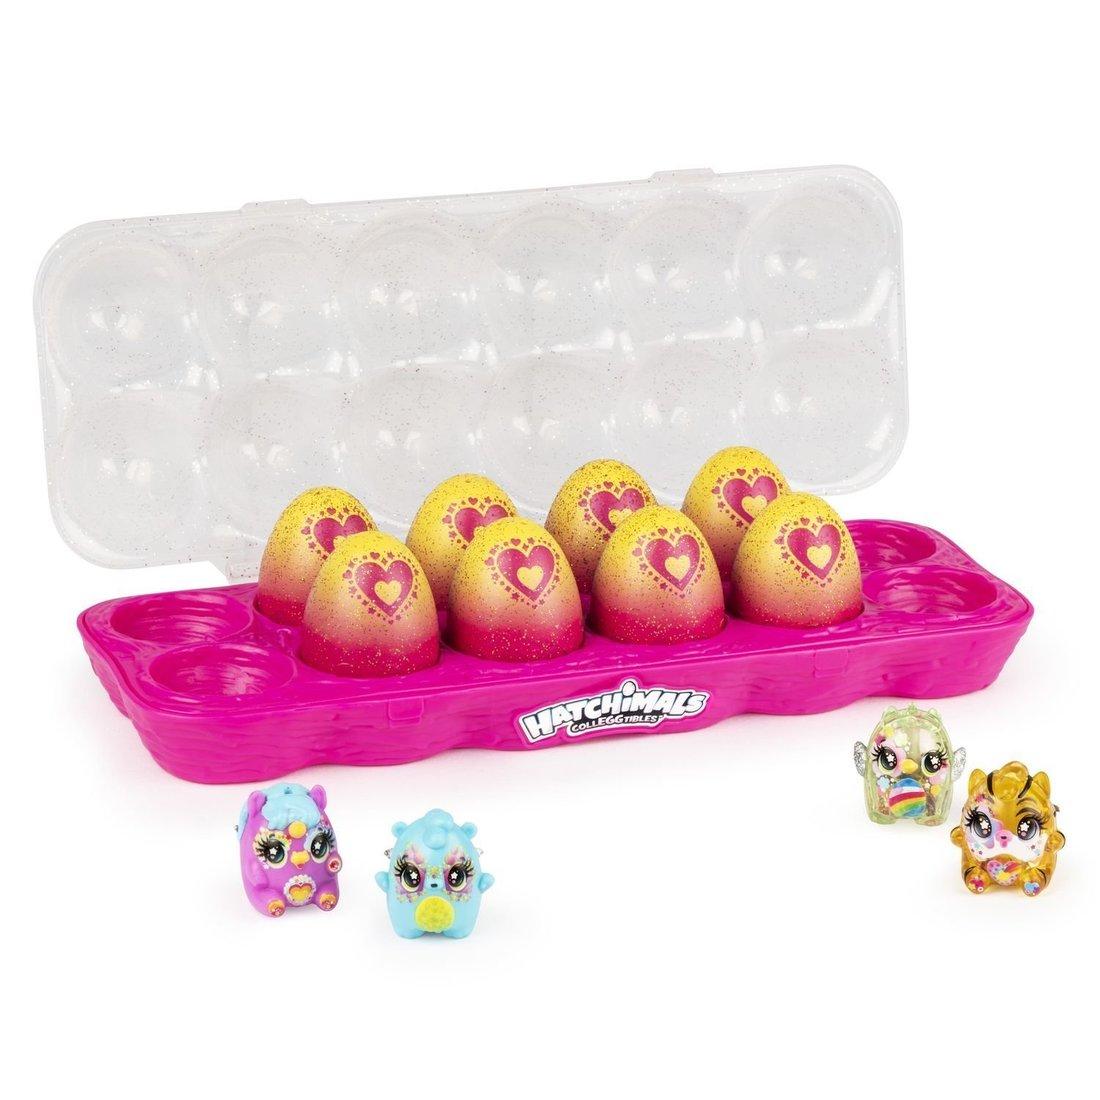 Хэтчималс 7 набор фигурок Дюжина яиц в ассорт.